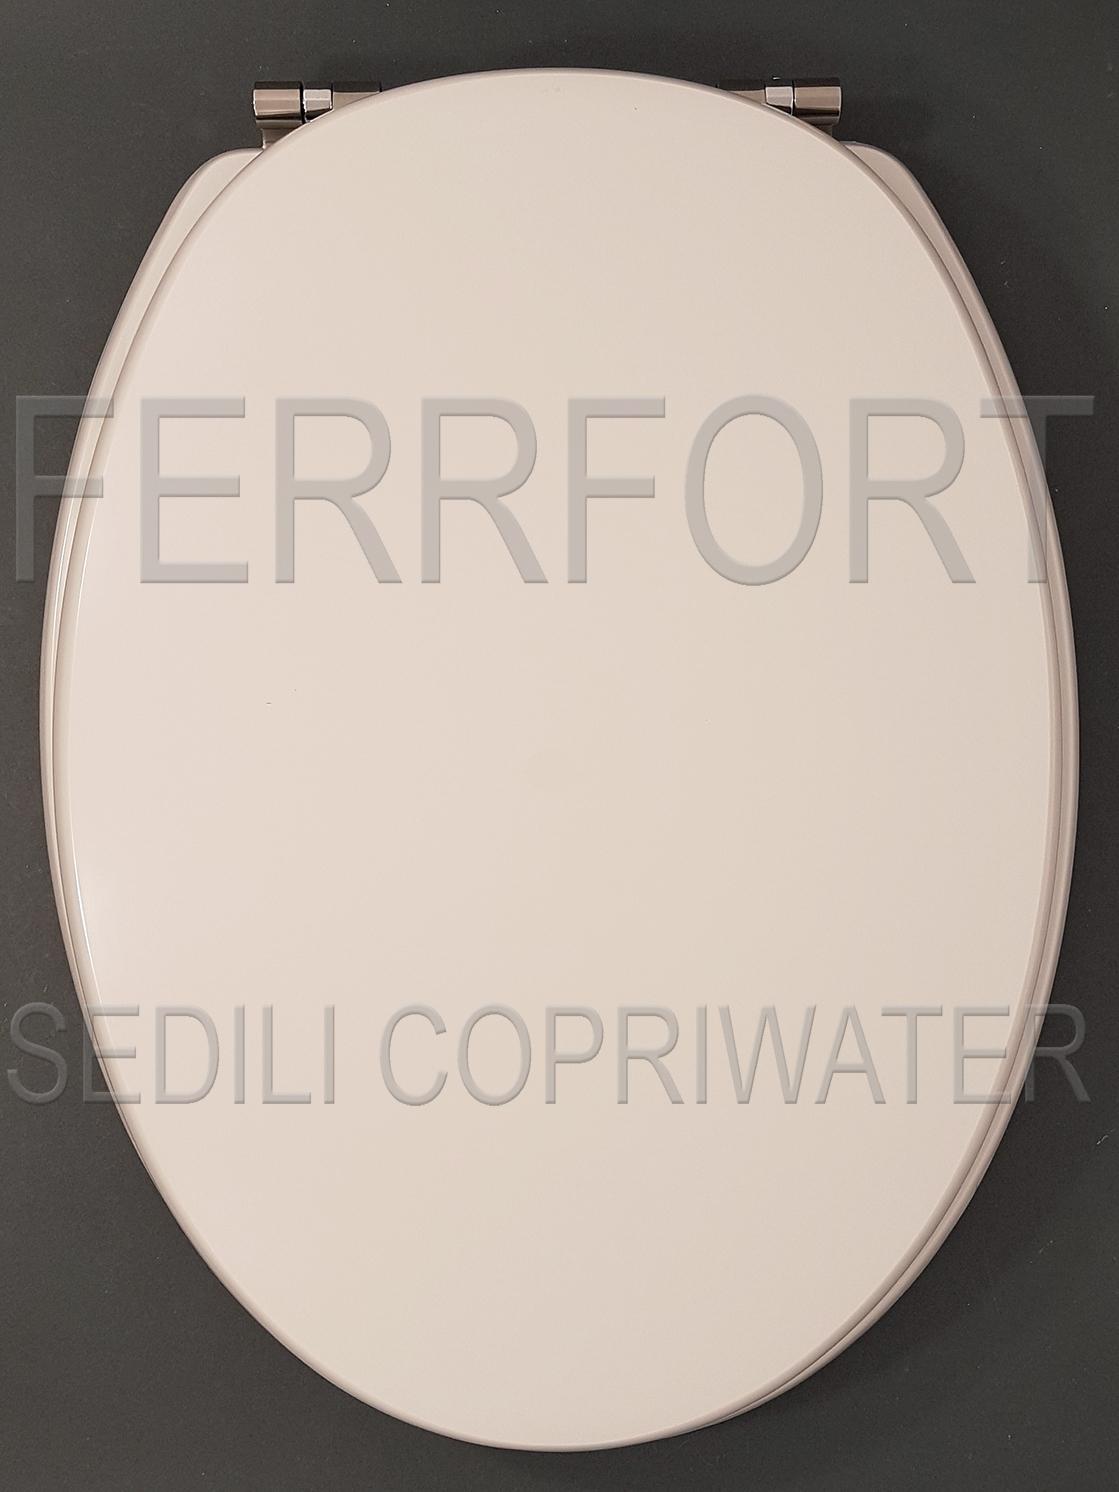 Sedile Wc Ideal Standard Ellisse.Sedile Copriwater Ellisse Ideal Standard Bianco